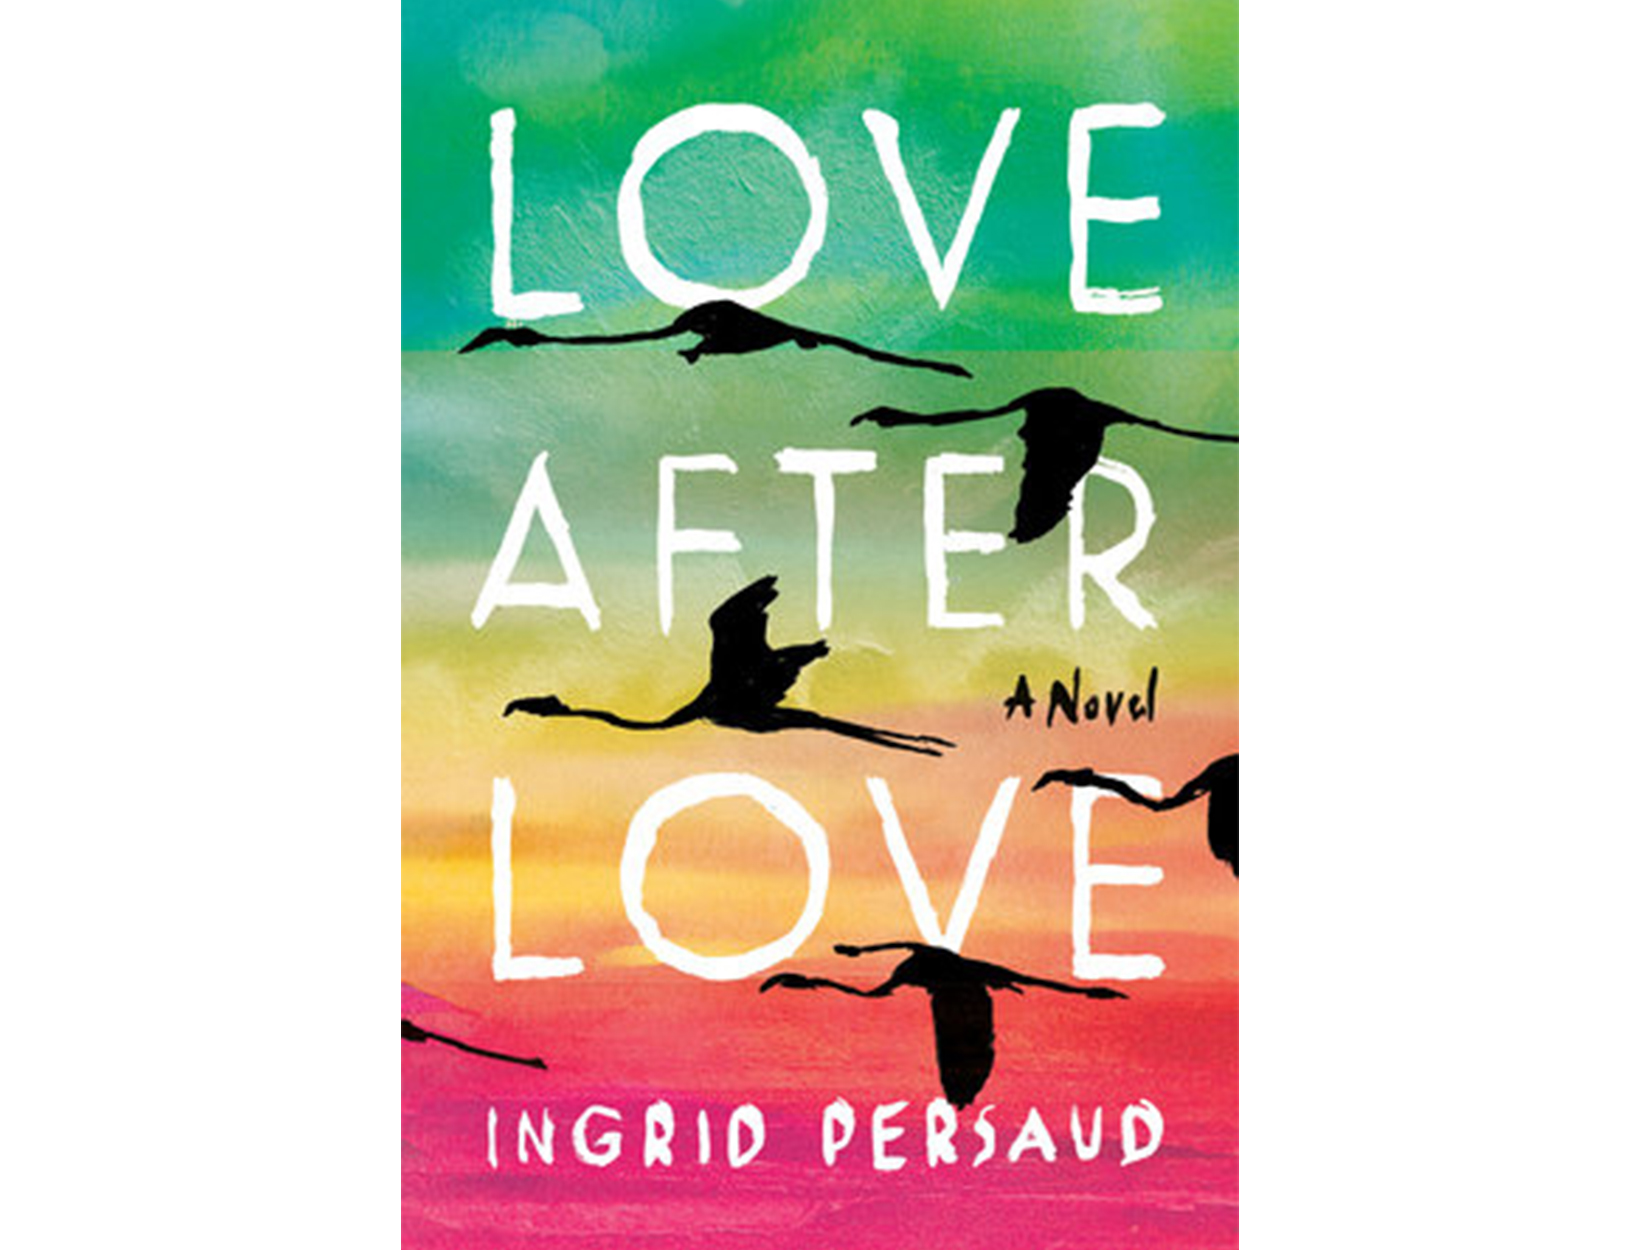 <em>Love After Love</em> by Ingrid Persaud